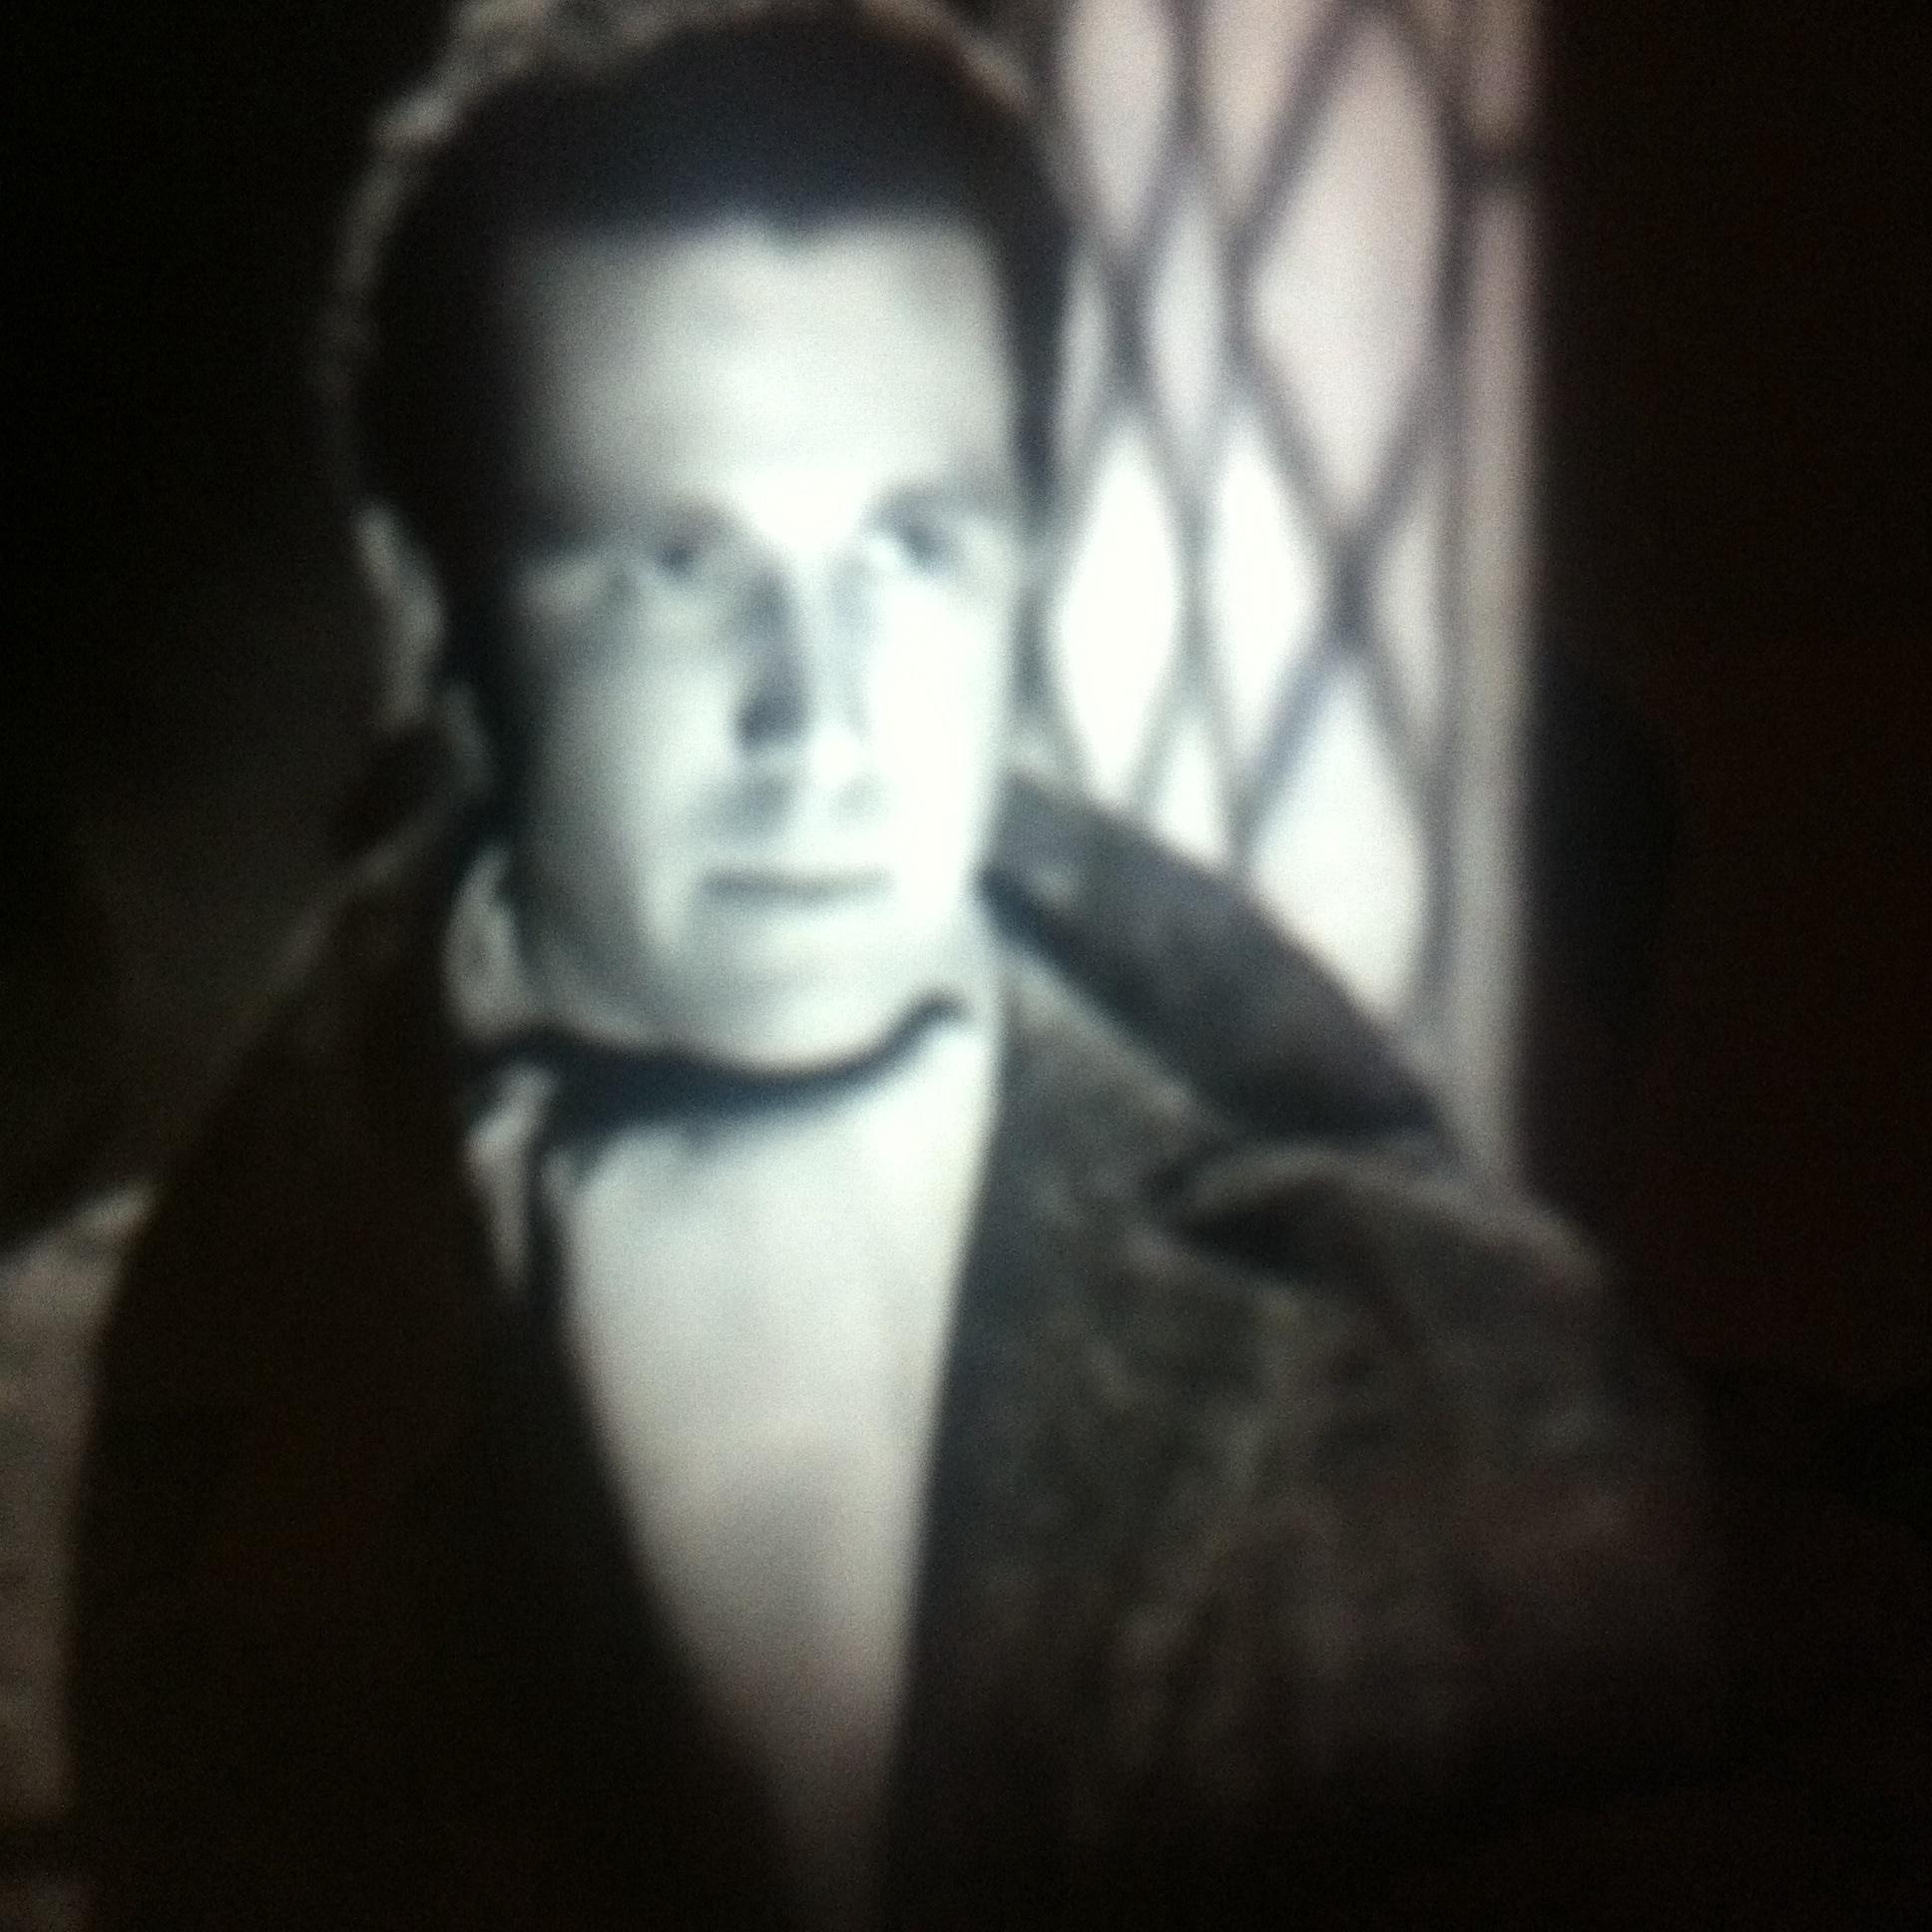 Philip Saville in Murder at 3am (1953)